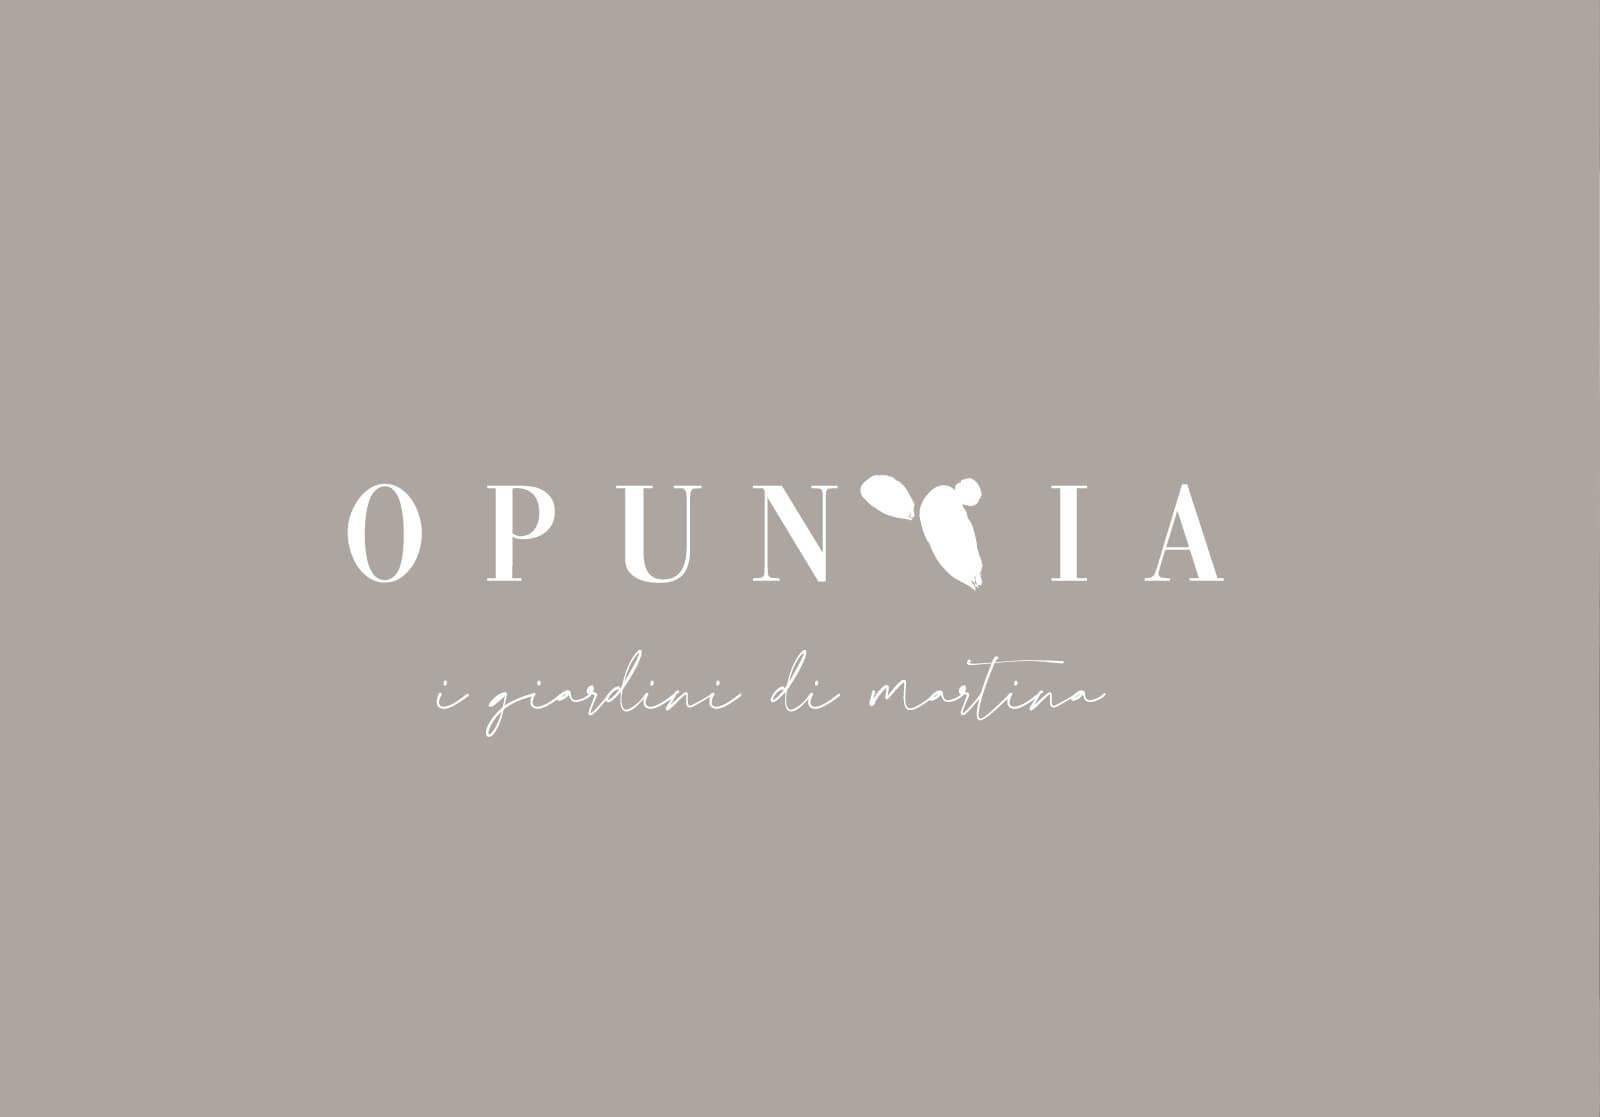 studio grafico per il logo Opuntia, i giardini di Martina, Diadestudio